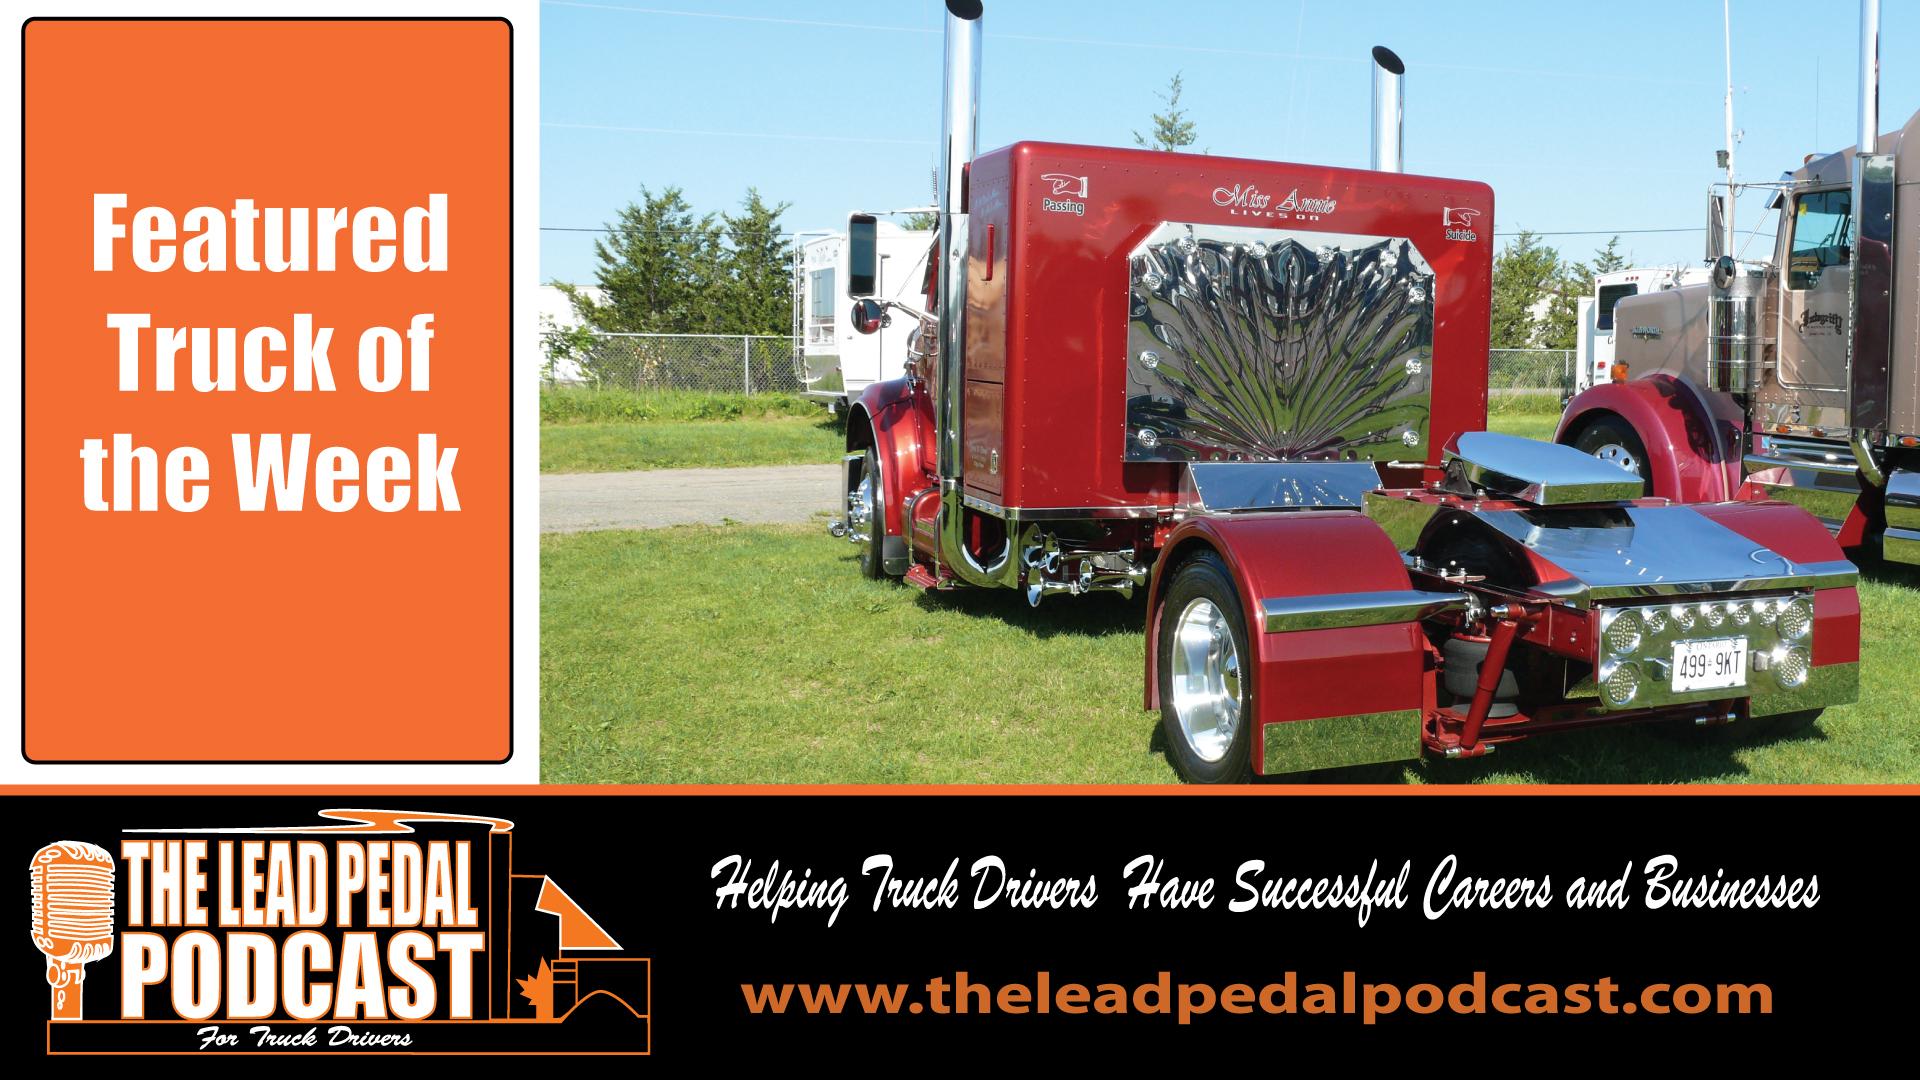 LP654 Featured Truck of the Week - Miss Annie-International Truck